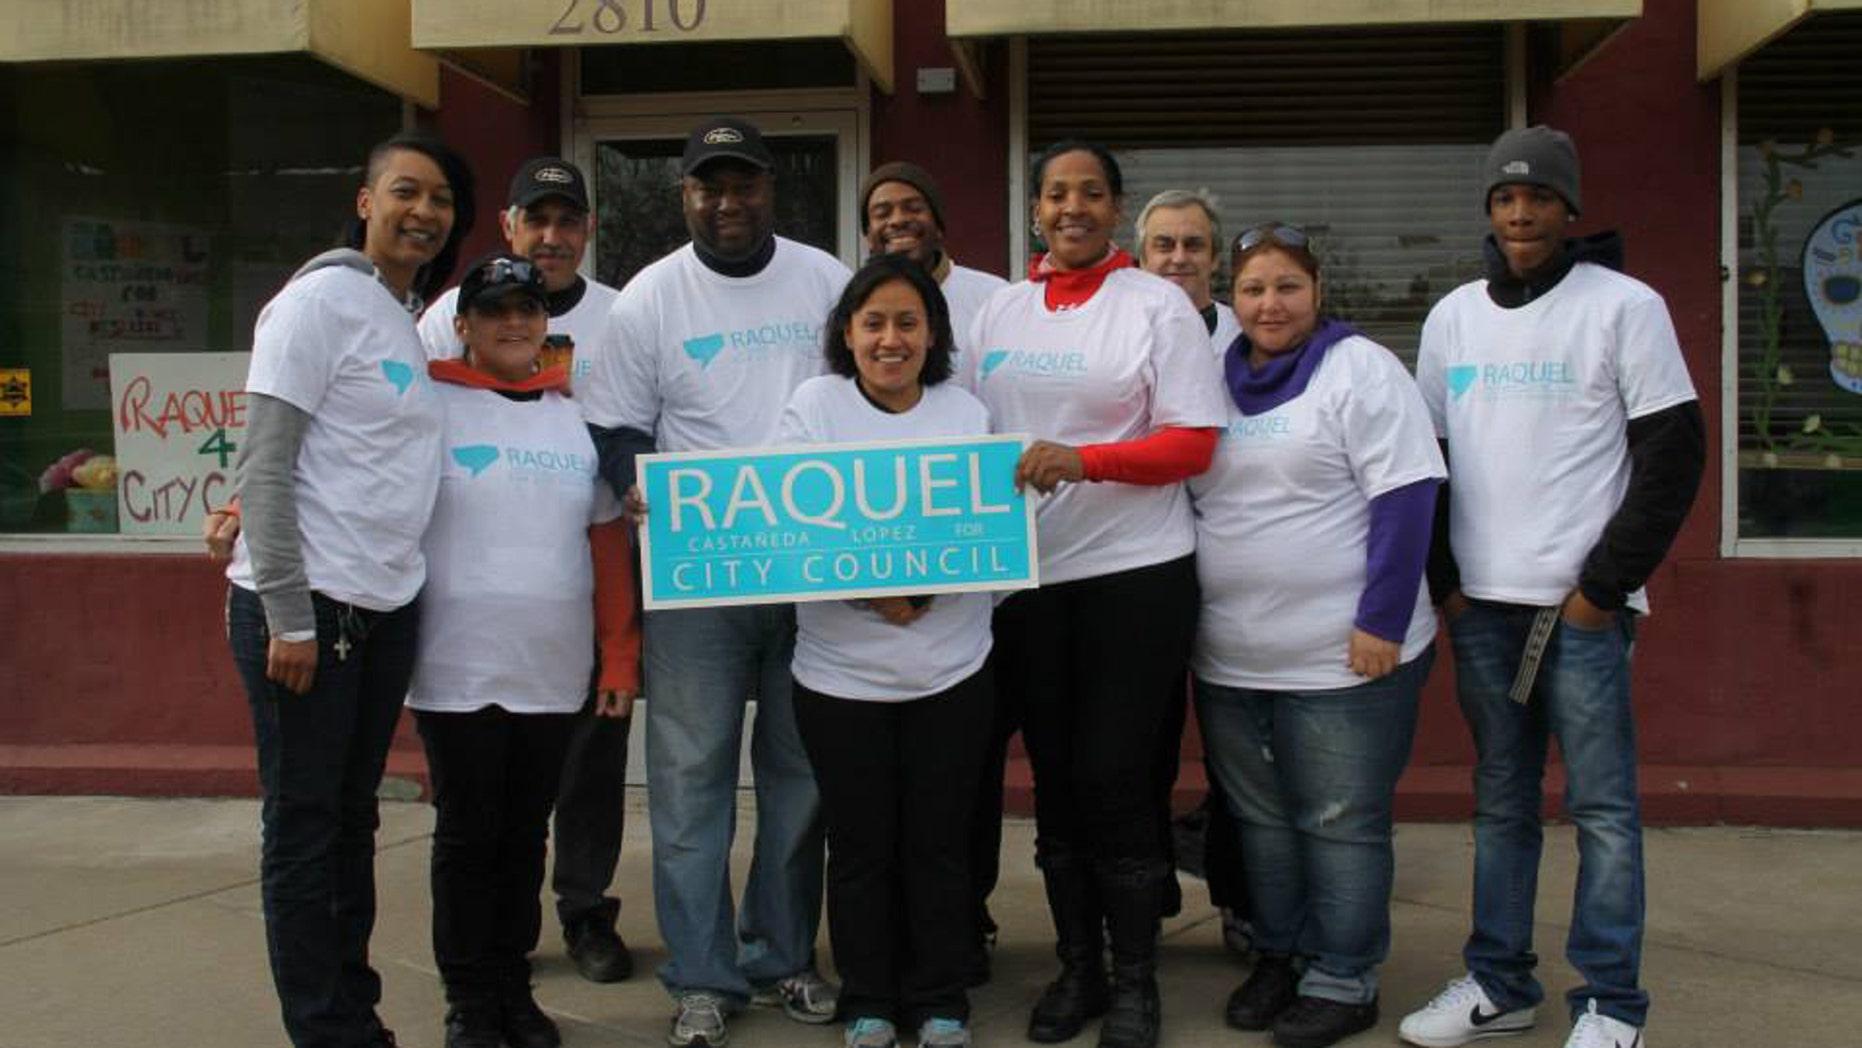 Raquel Castaneda-Lopez, Detroit's first Hispanic City Council member